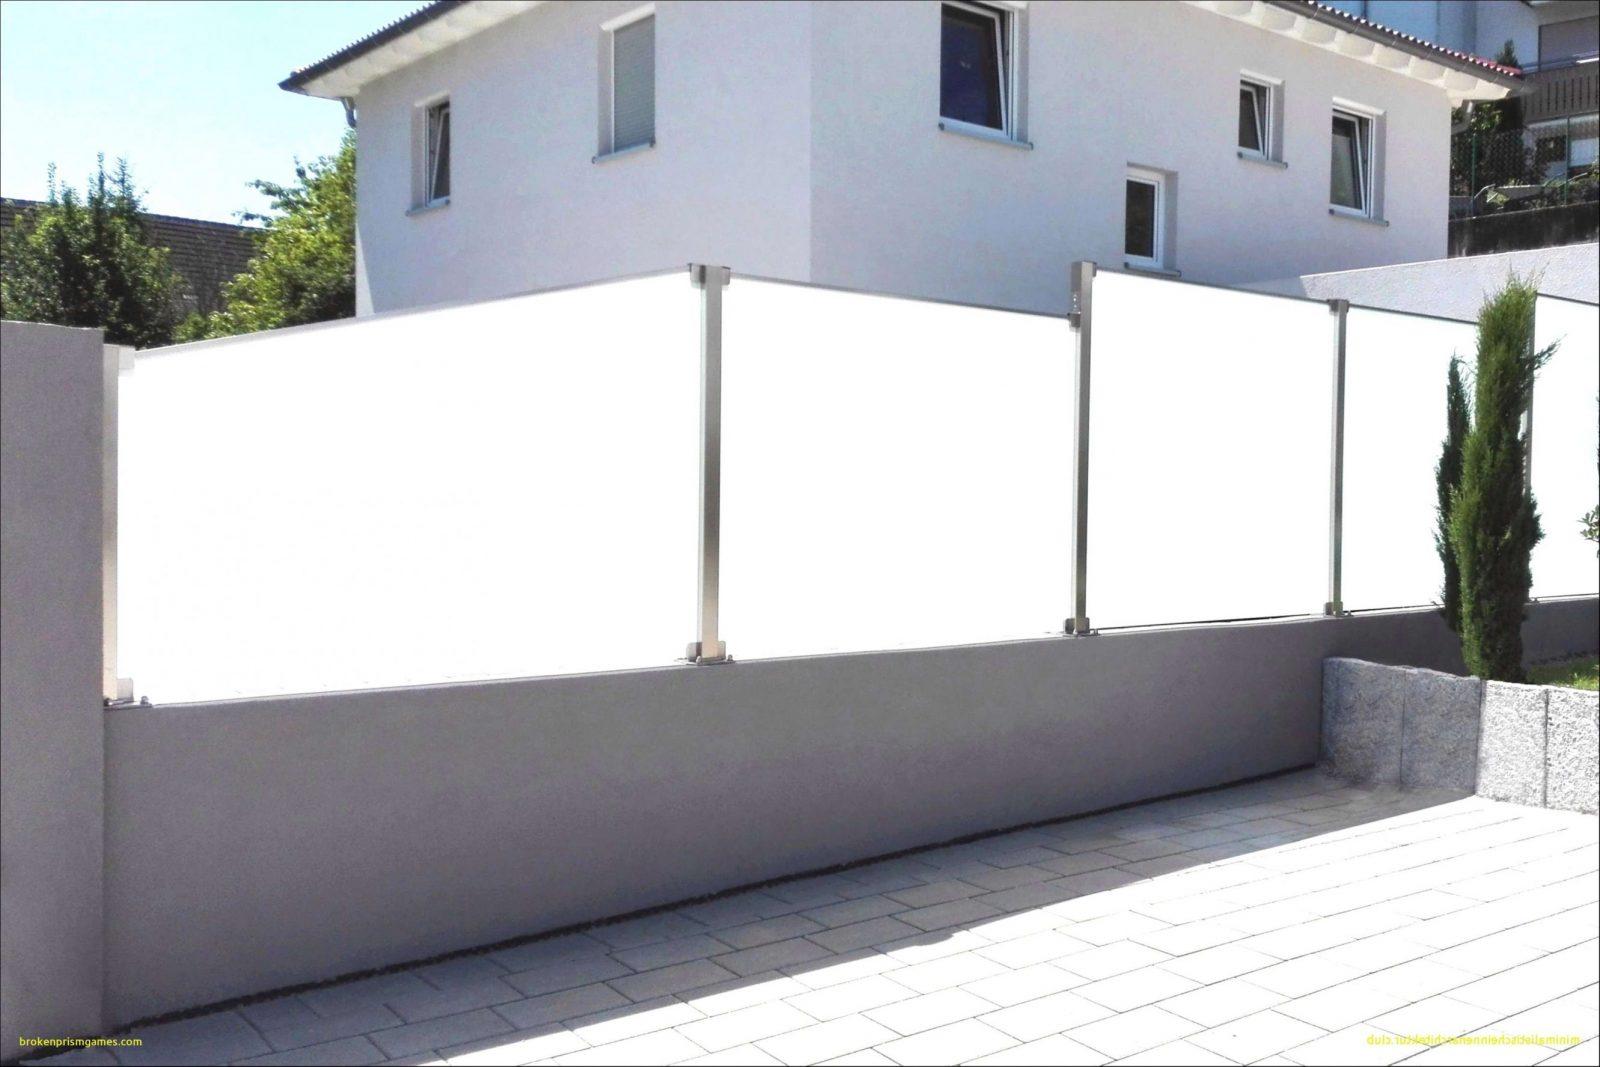 25 Elegant Sichtschutz Mauer Selber Bauen Stock  Komplette Ideen von Sichtschutz Aus Stein Selber Bauen Bild